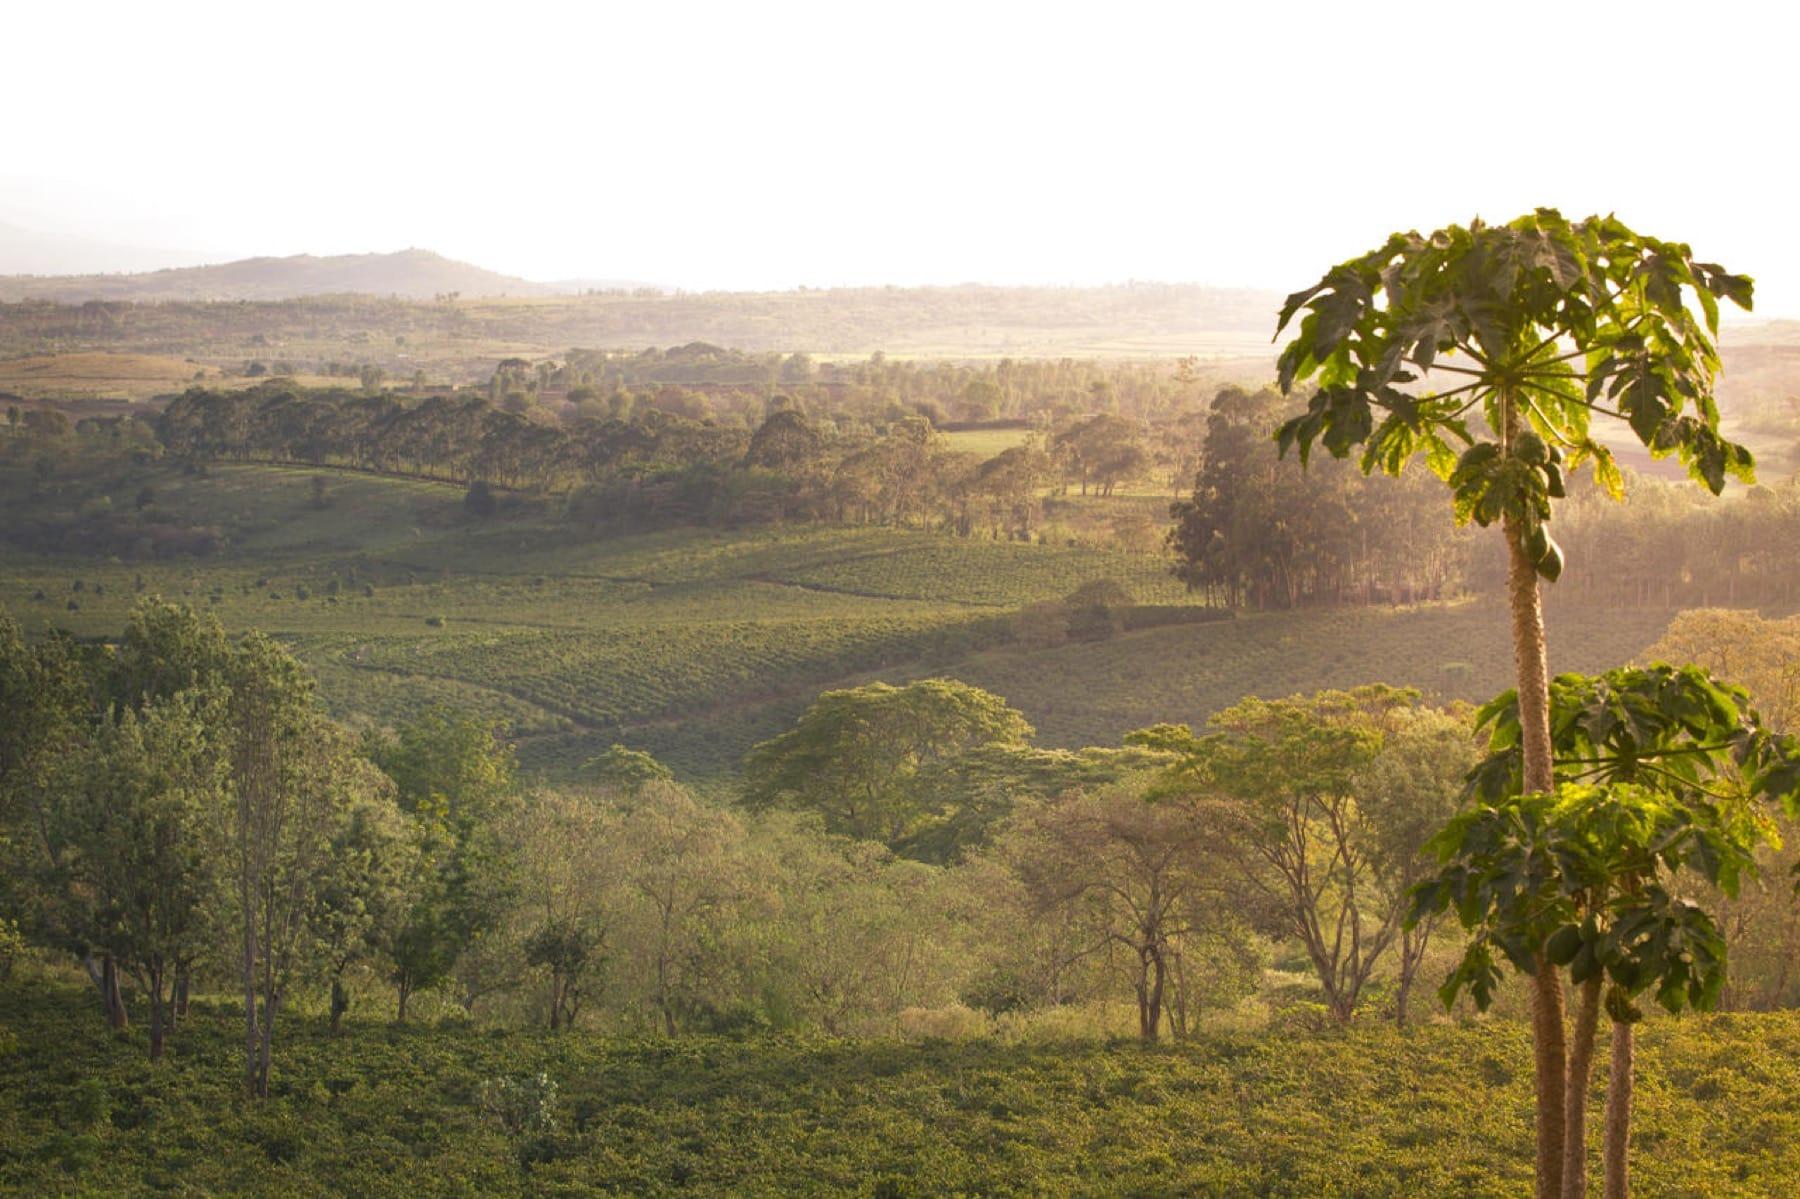 gibbs farm ngorongoro crater tanzania safari